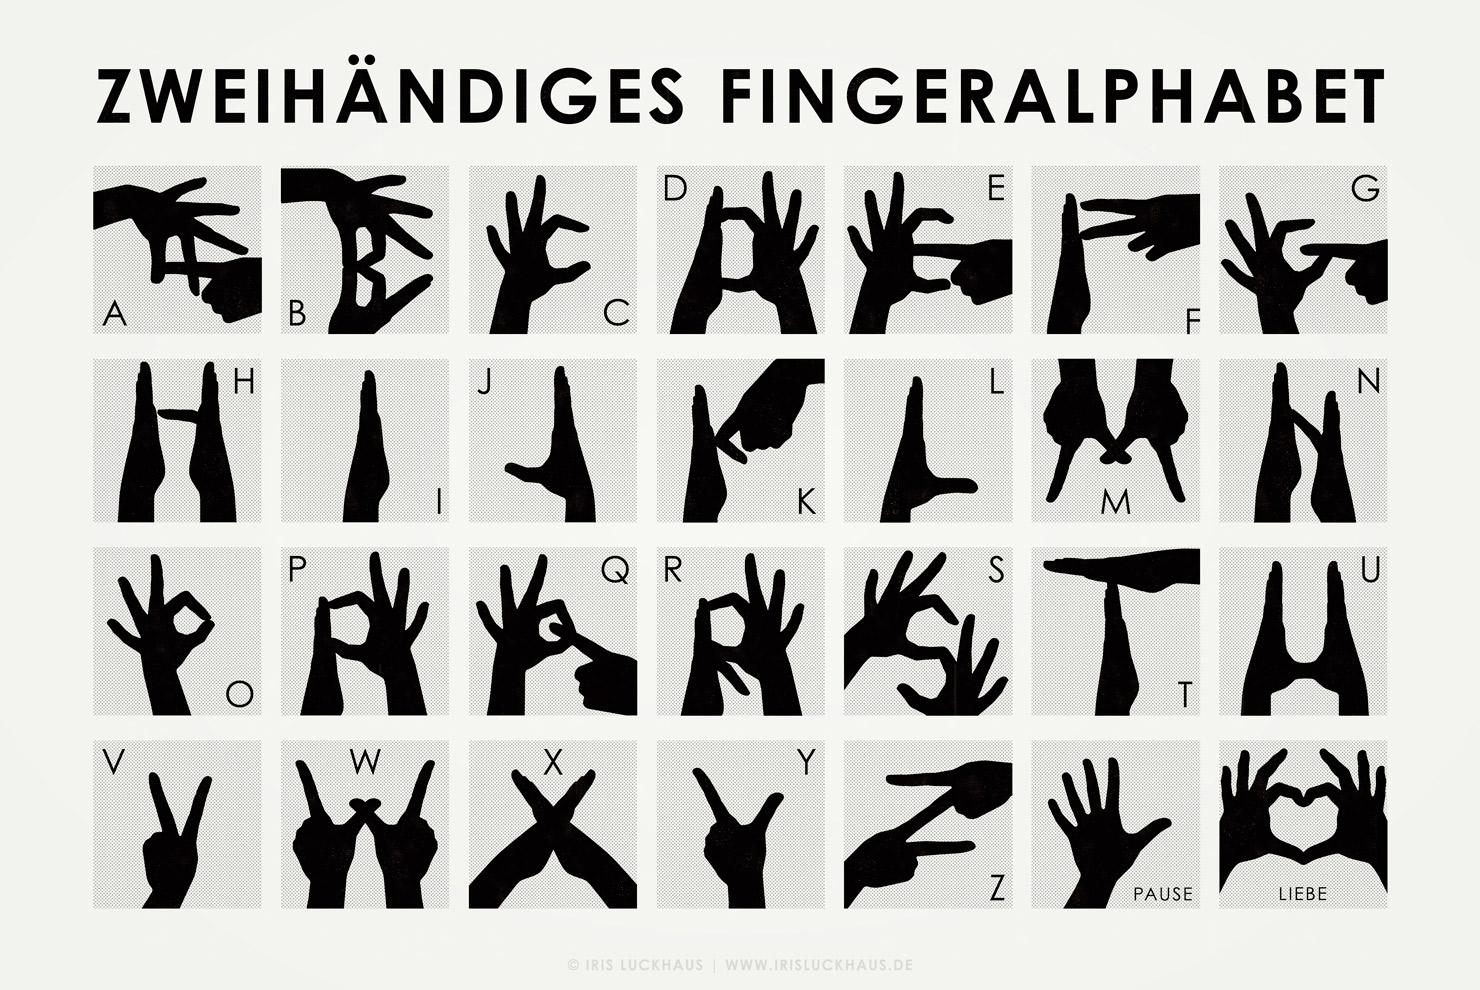 Grafische Anleitung für das zweihändige Fingeralphabet oder Handalphabet als Infografik von Iris Luckhaus